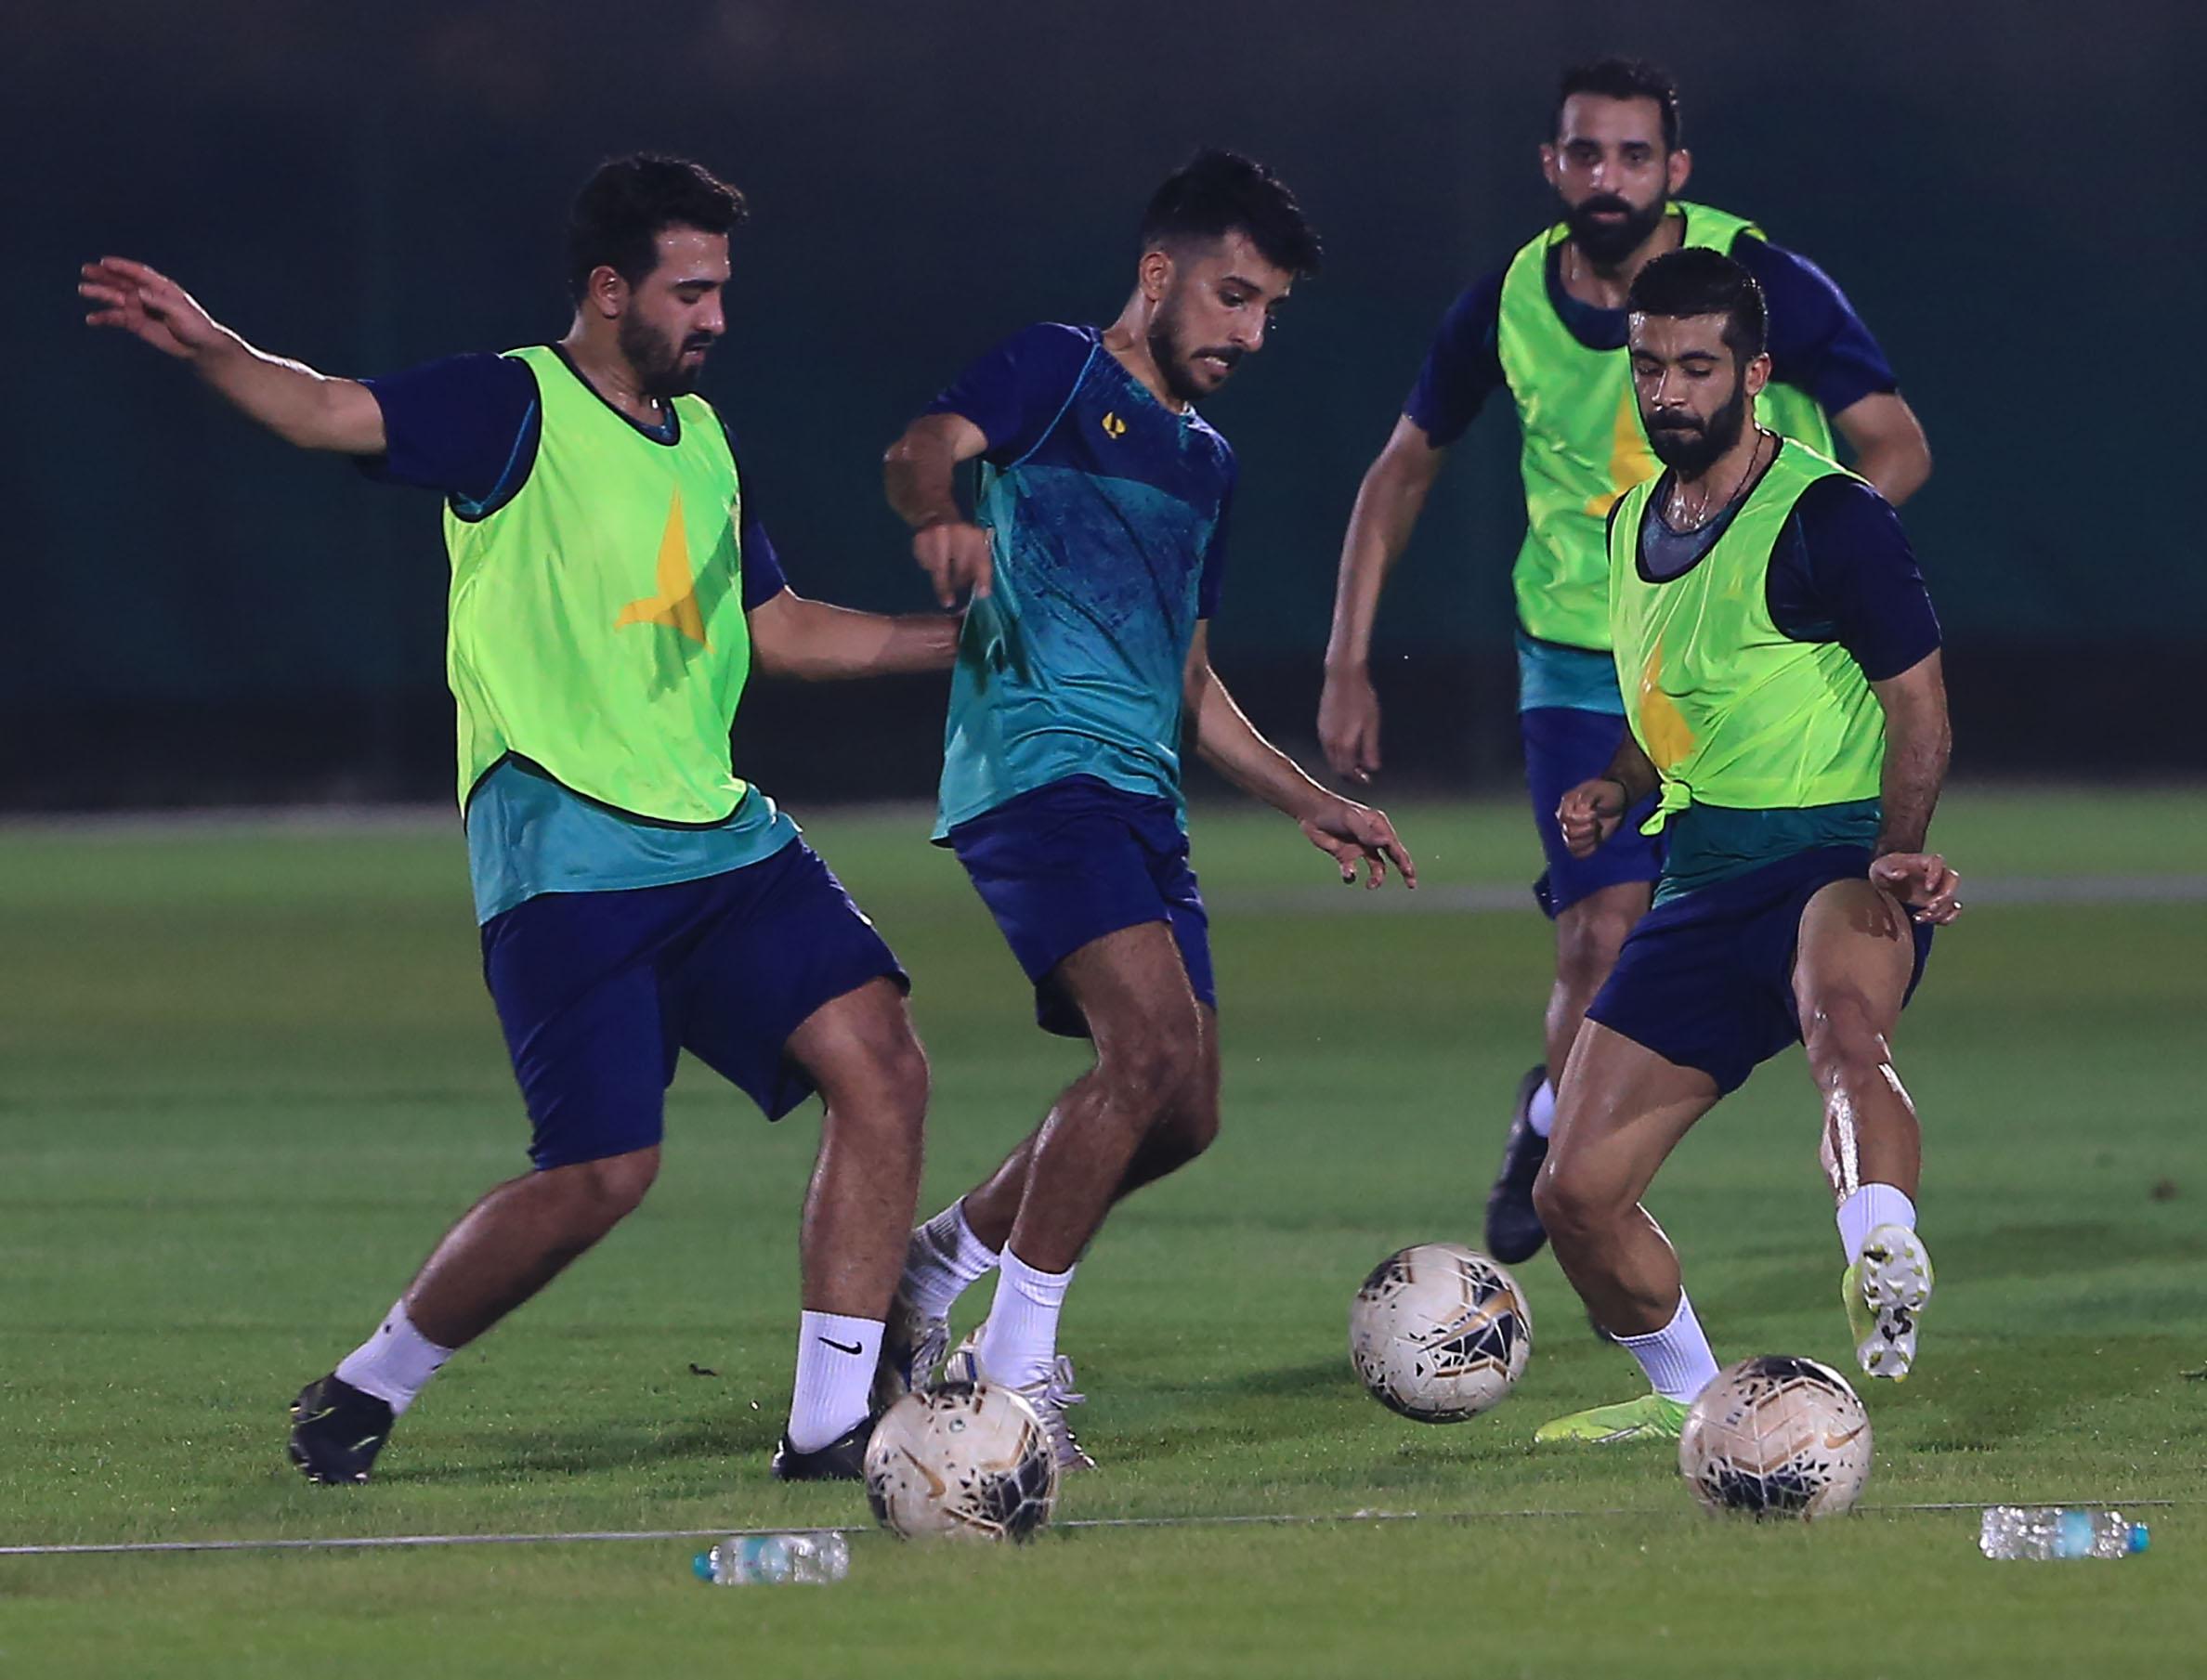 الباشا يشكر وزارة الرياضة لتطويرها ملعب نادي الخليج .. والدانة يجري تدريباته في الدمام